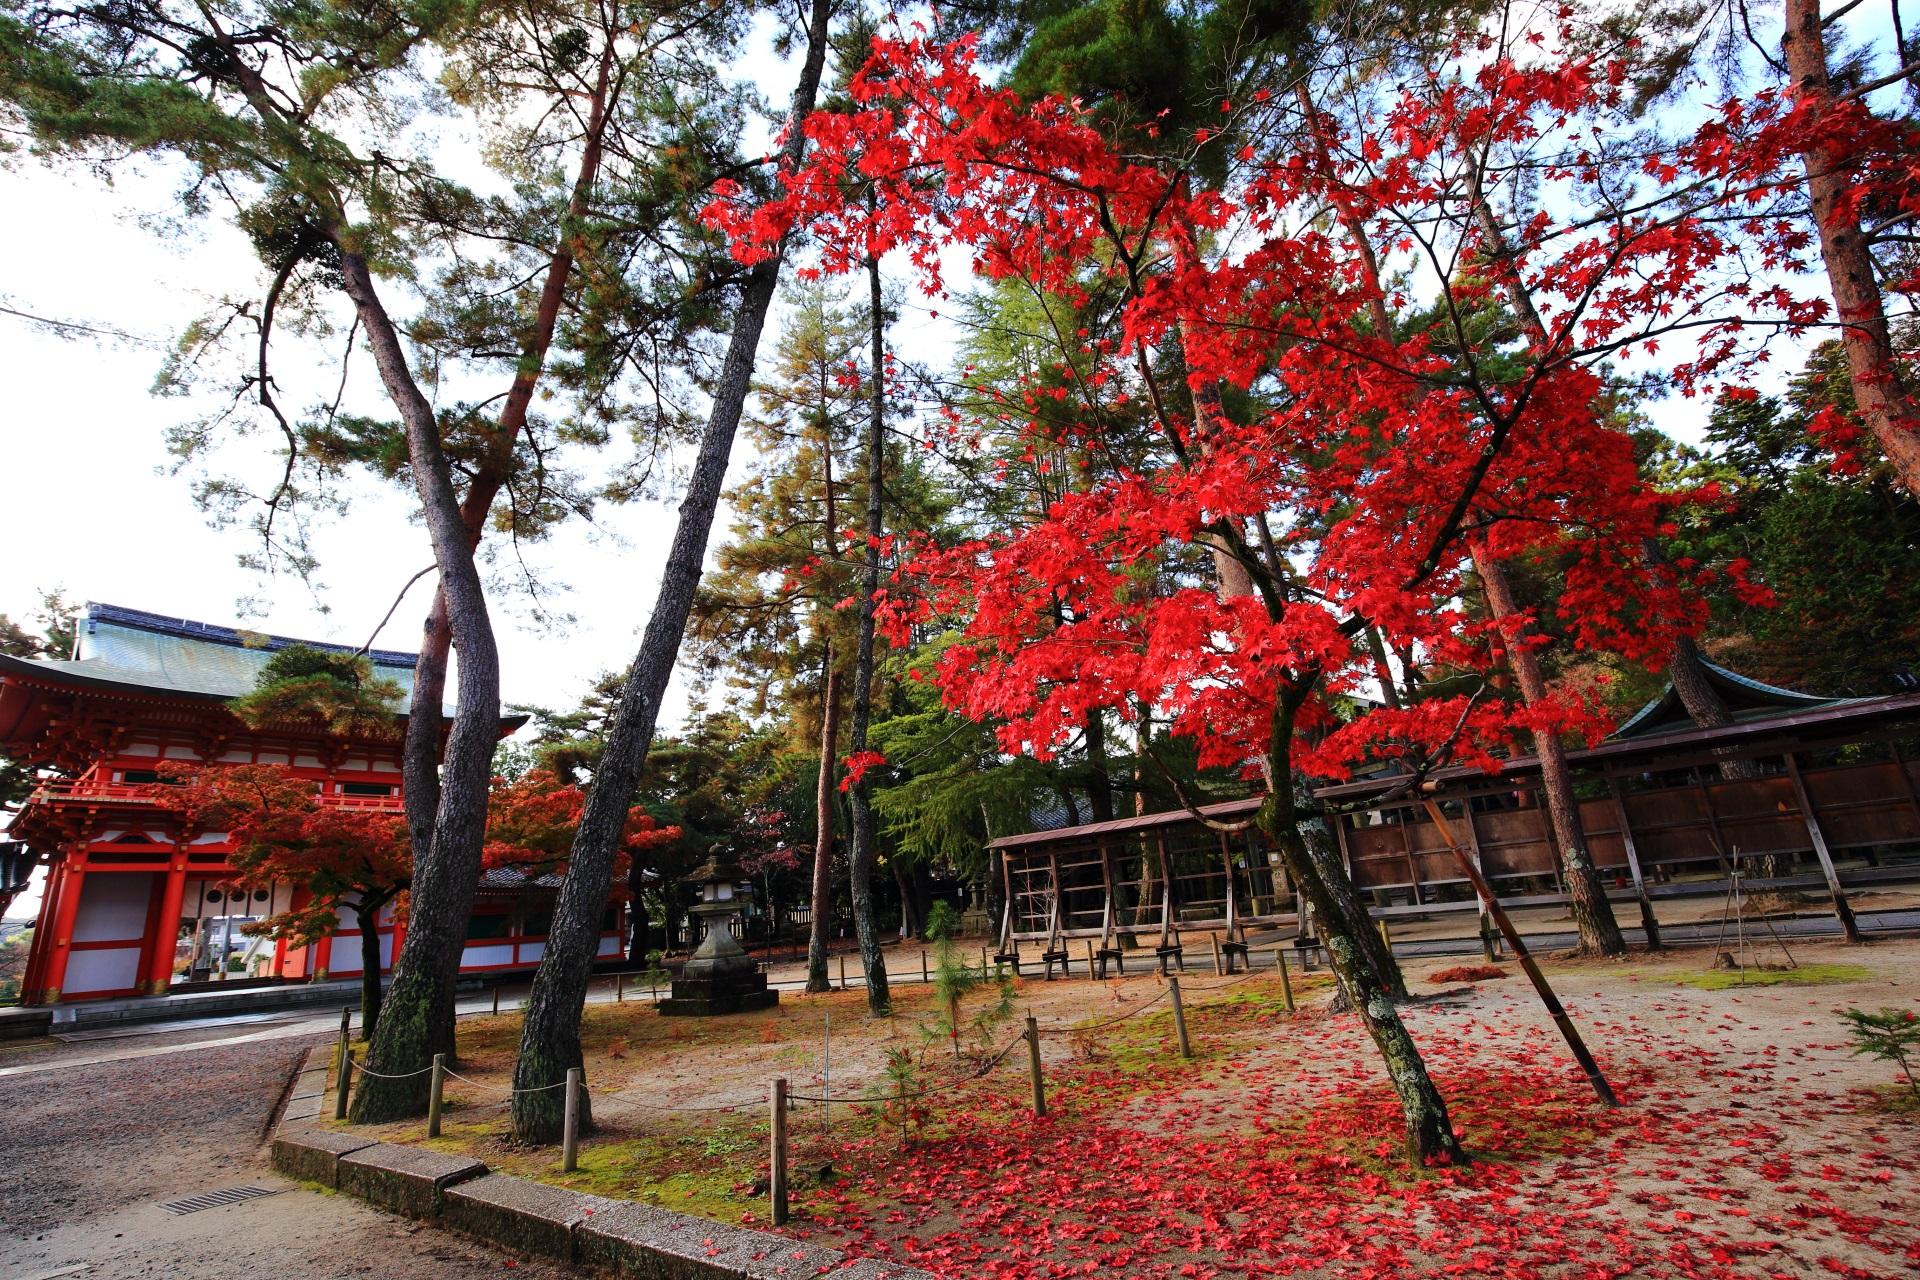 鮮やかな紅葉と散りもみじが彩る楼門